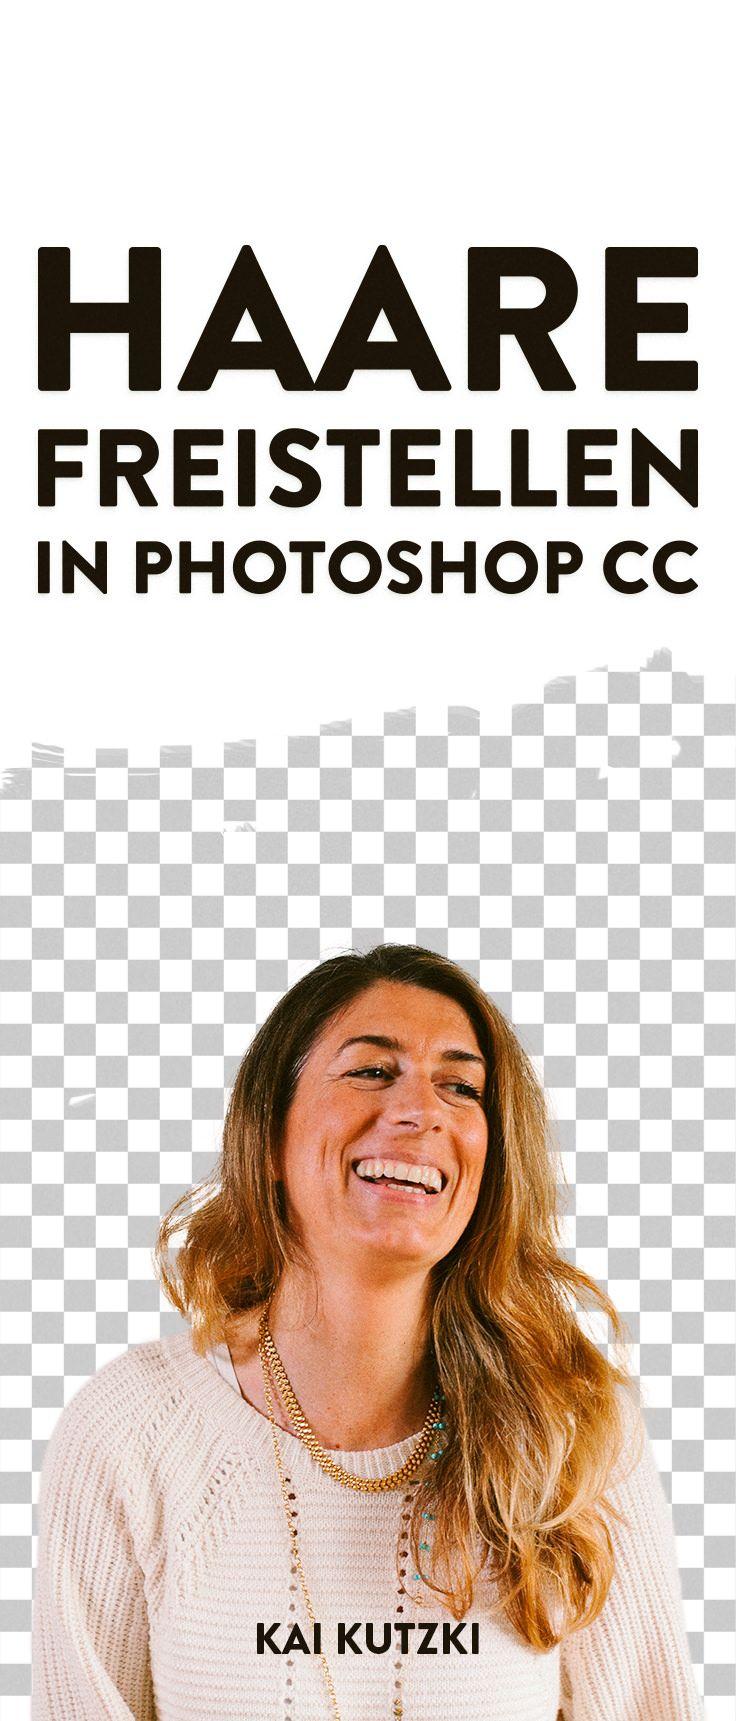 Haare freistellen ist mit Photoshop CC gar nicht so schwer. In diesem Tutorial zeige ich euch wie das geht.